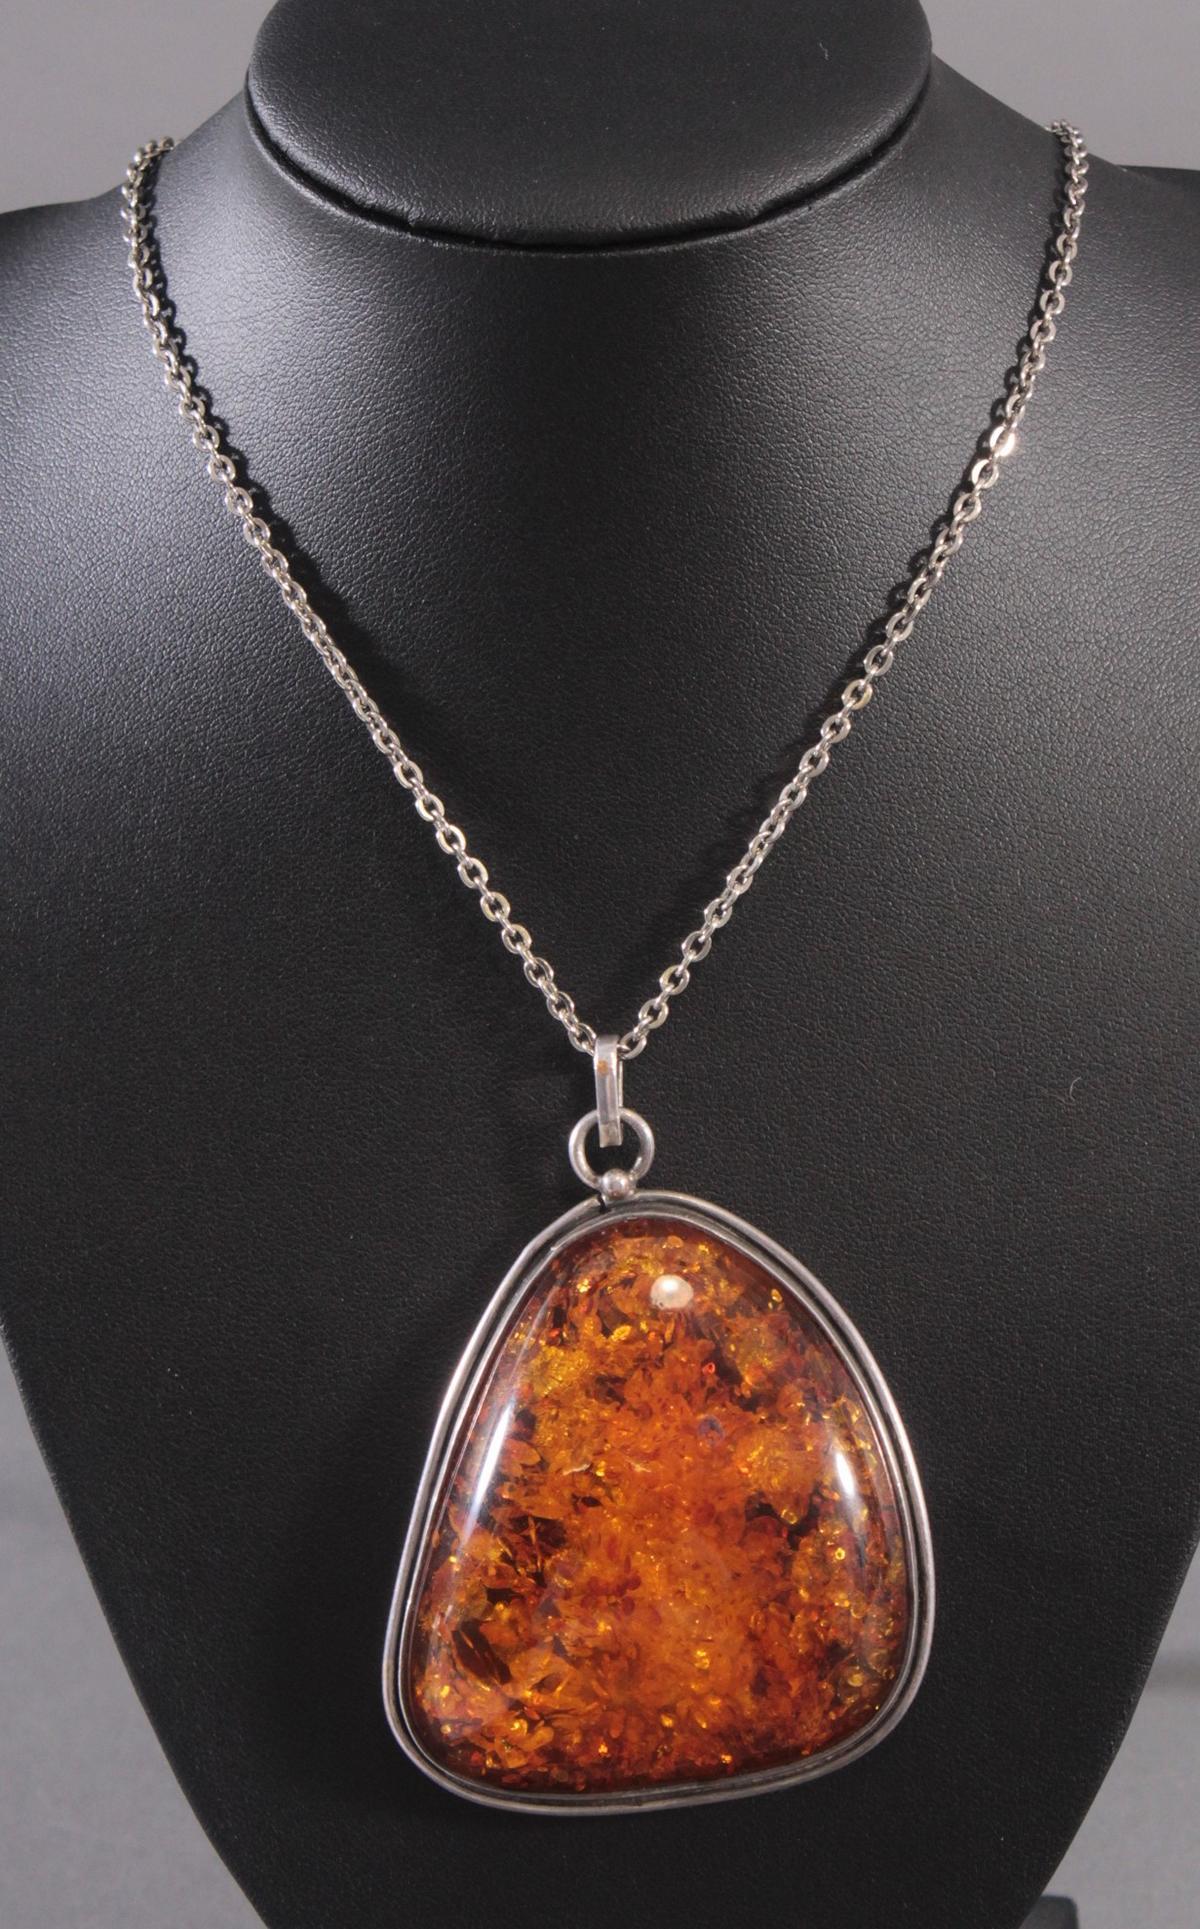 Silberne Halskette mit großem Bernsteinanhänger